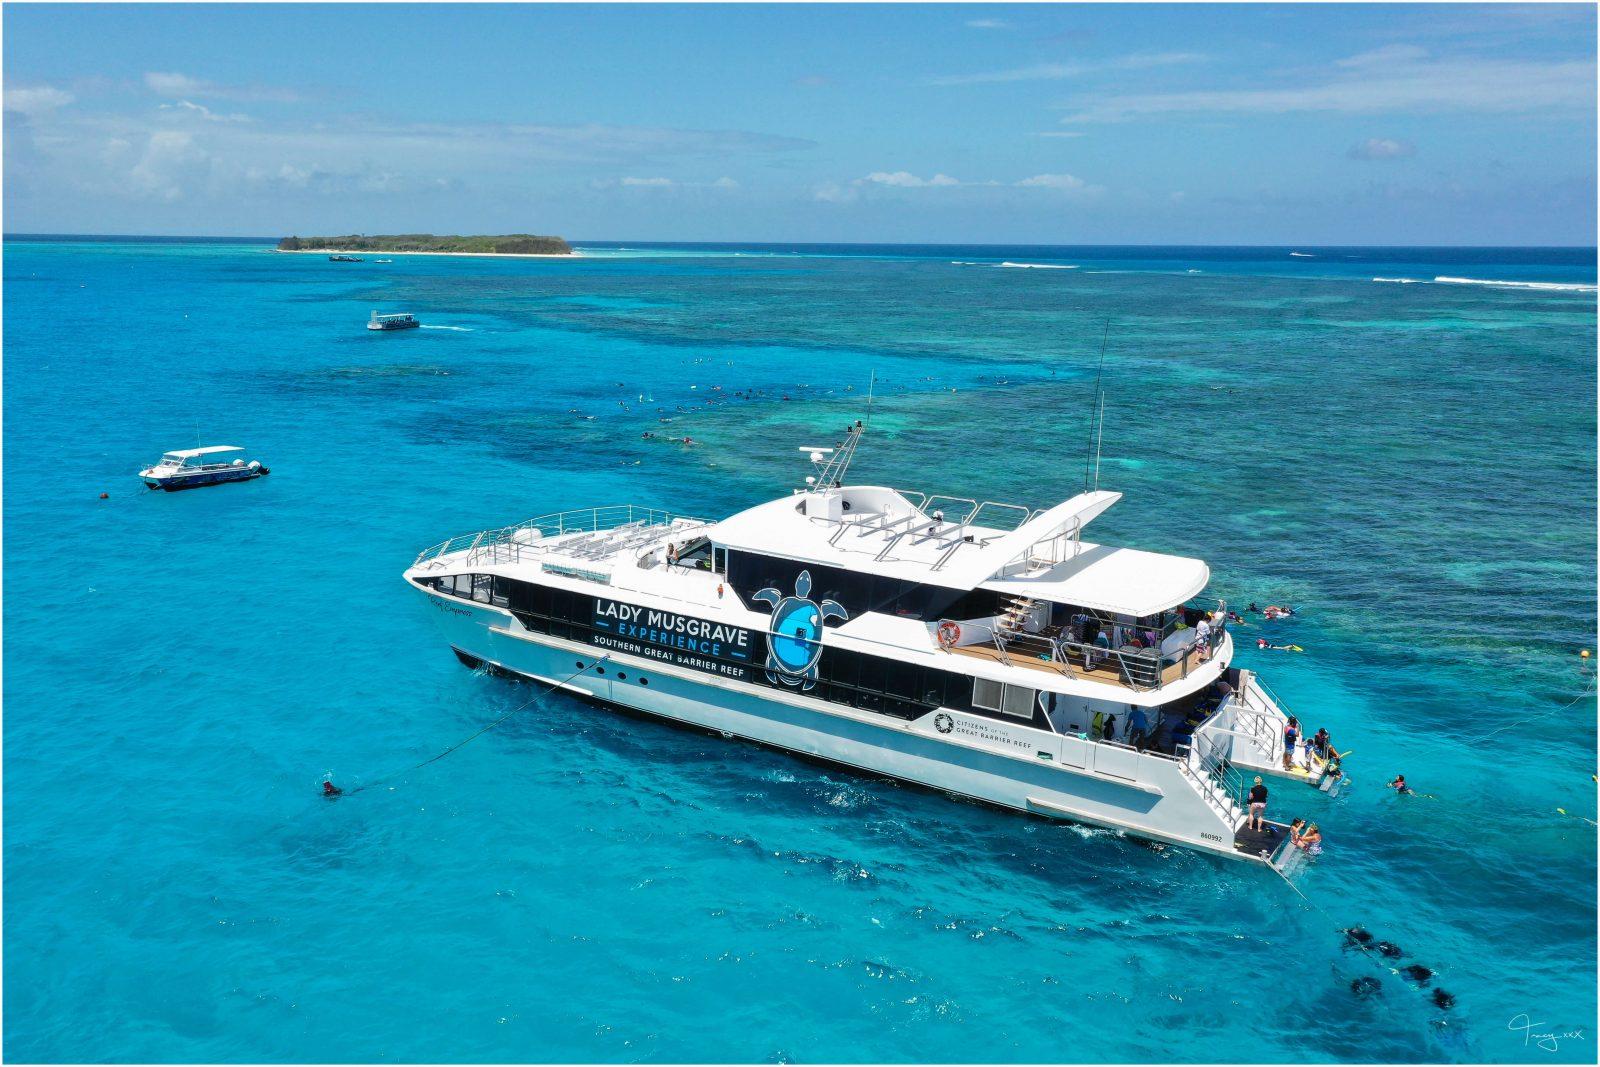 Reef, Lagoon, Snorkelling, Diving